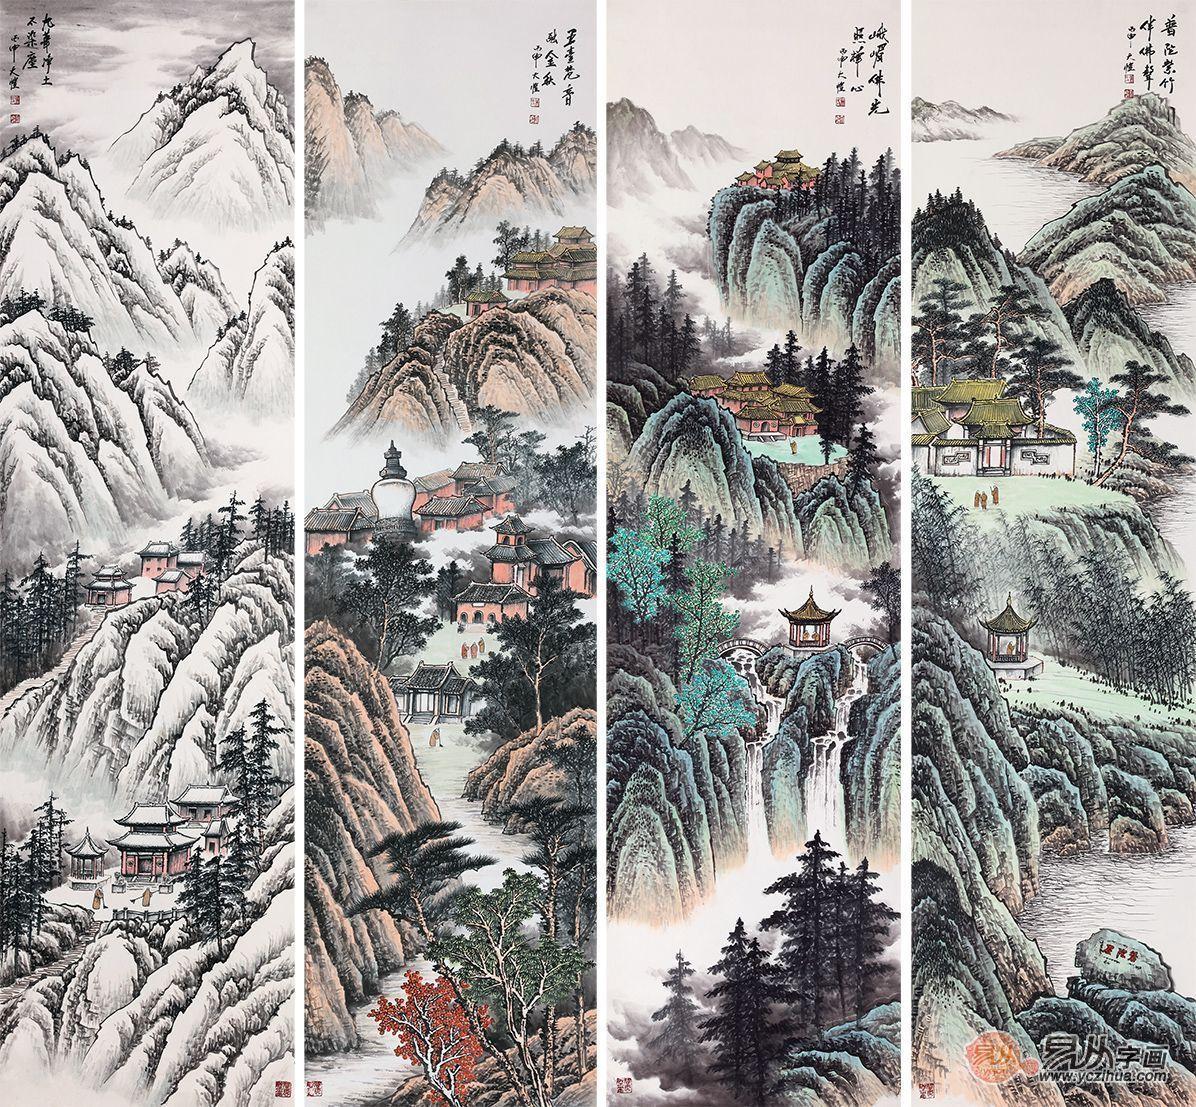 客厅背景墙装饰挂画,最彰显个性品味的选择推荐